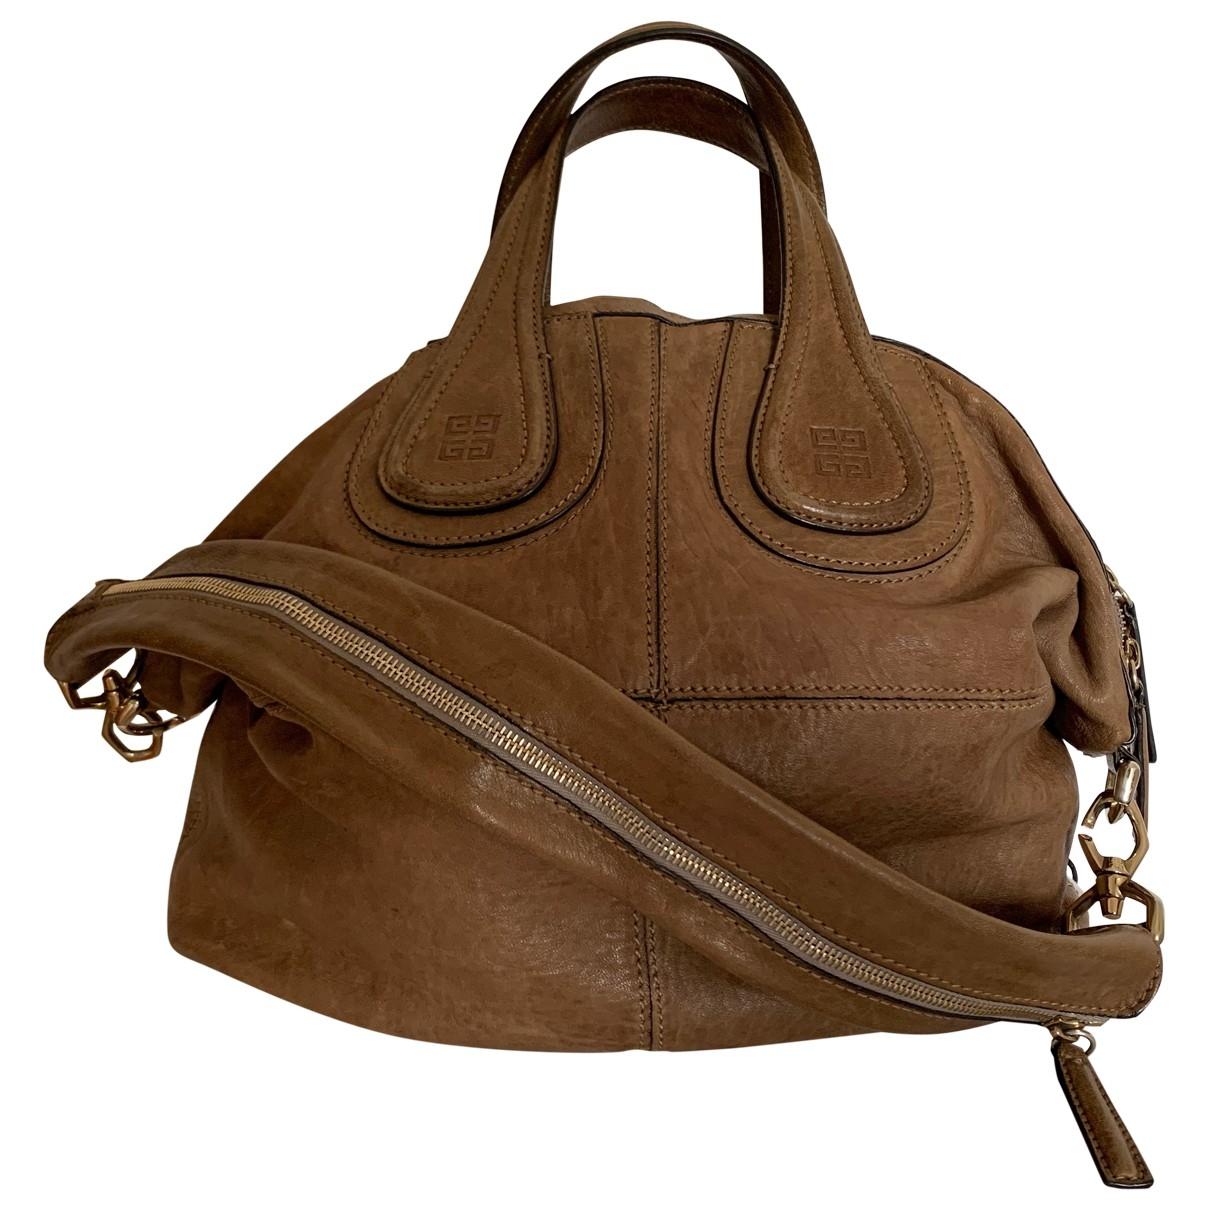 Givenchy Nightingale Handtasche in  Kamel Leder